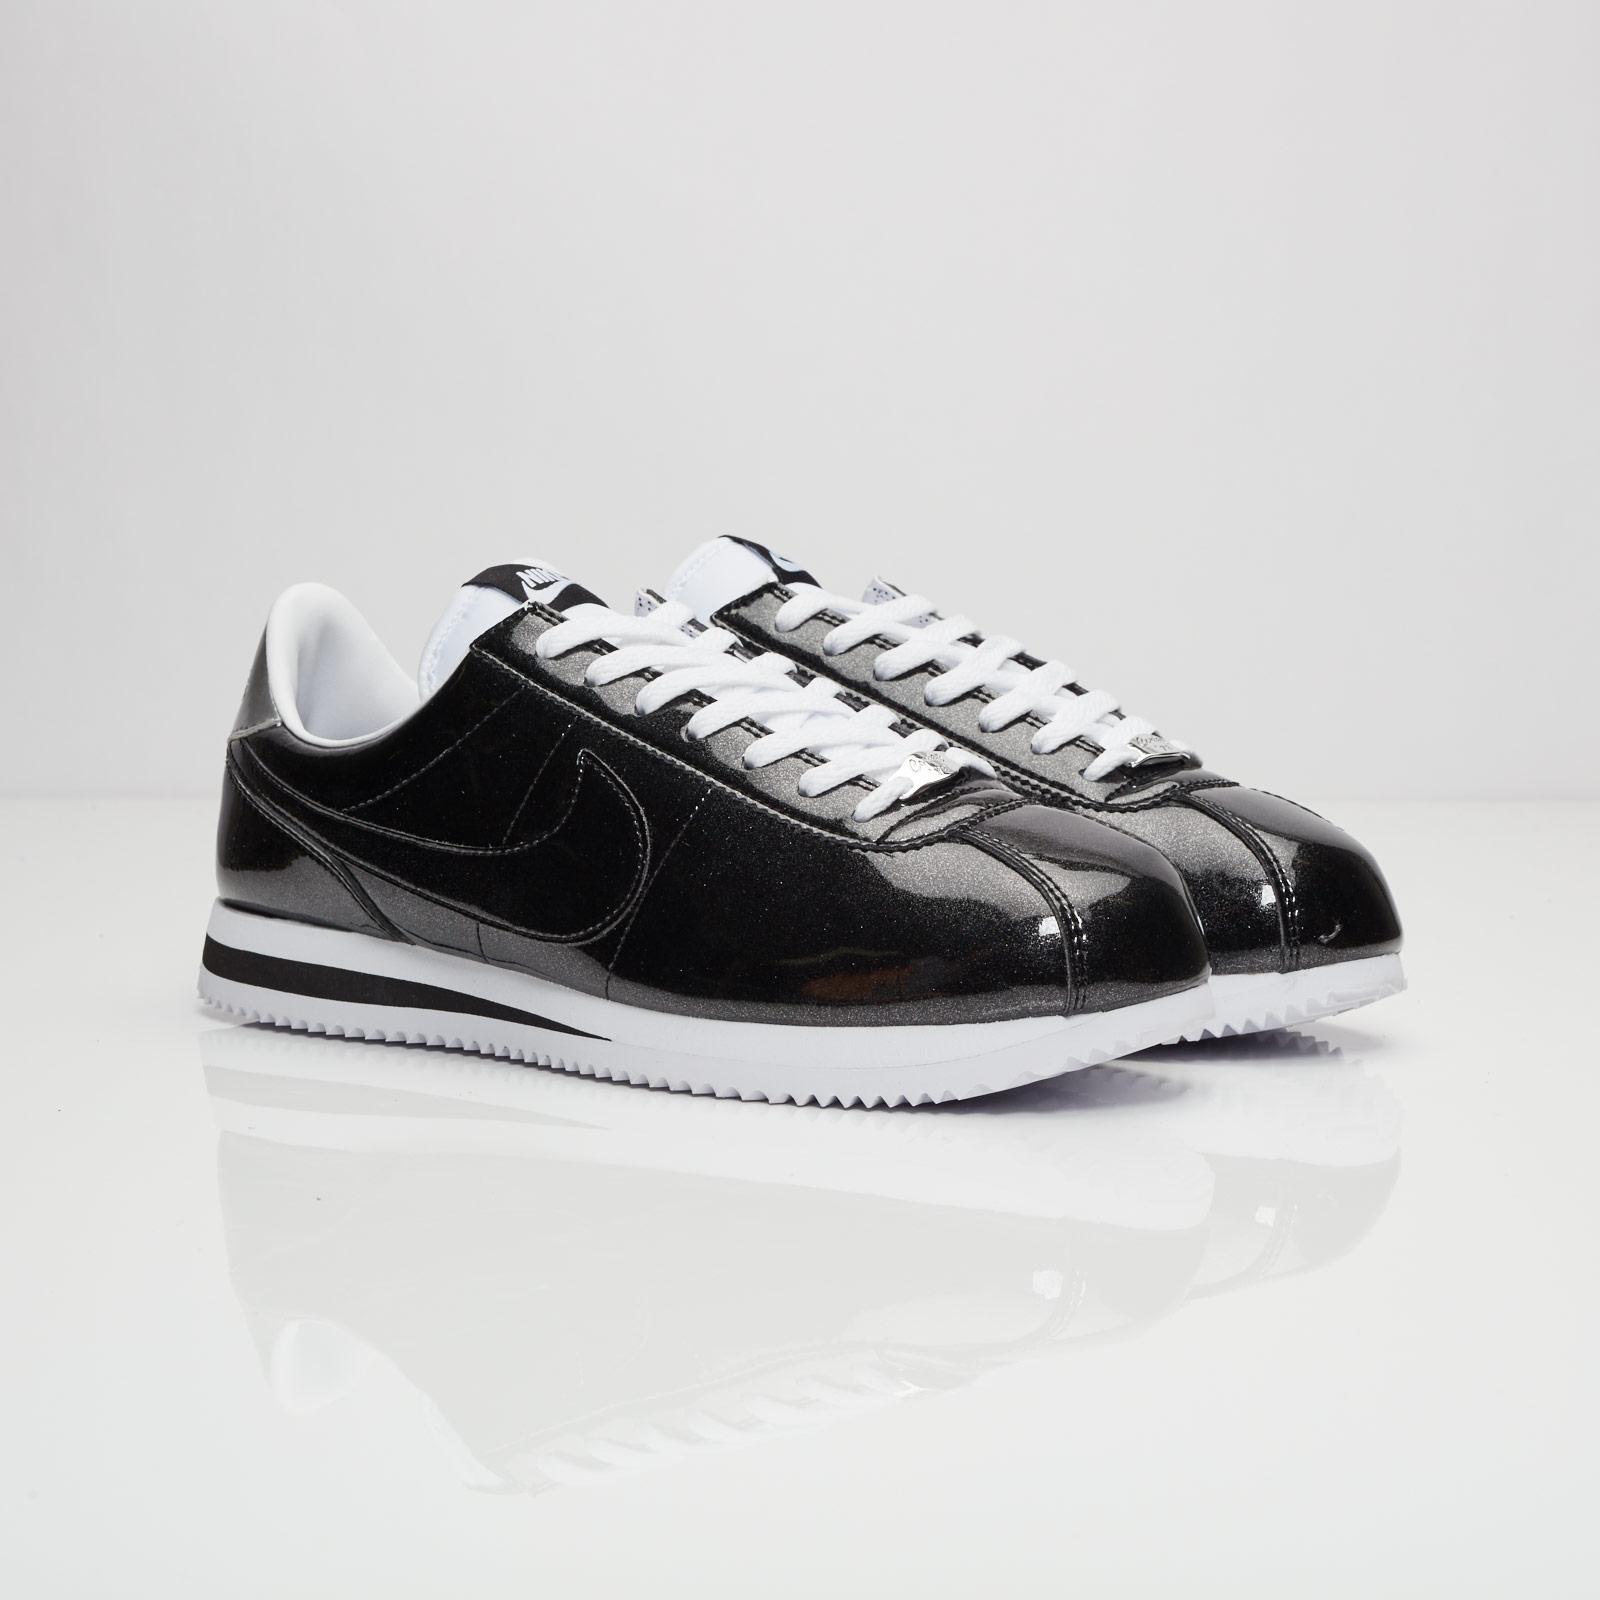 official photos 4c1c9 7d6c4 Nike Cortez Basic Premium QS